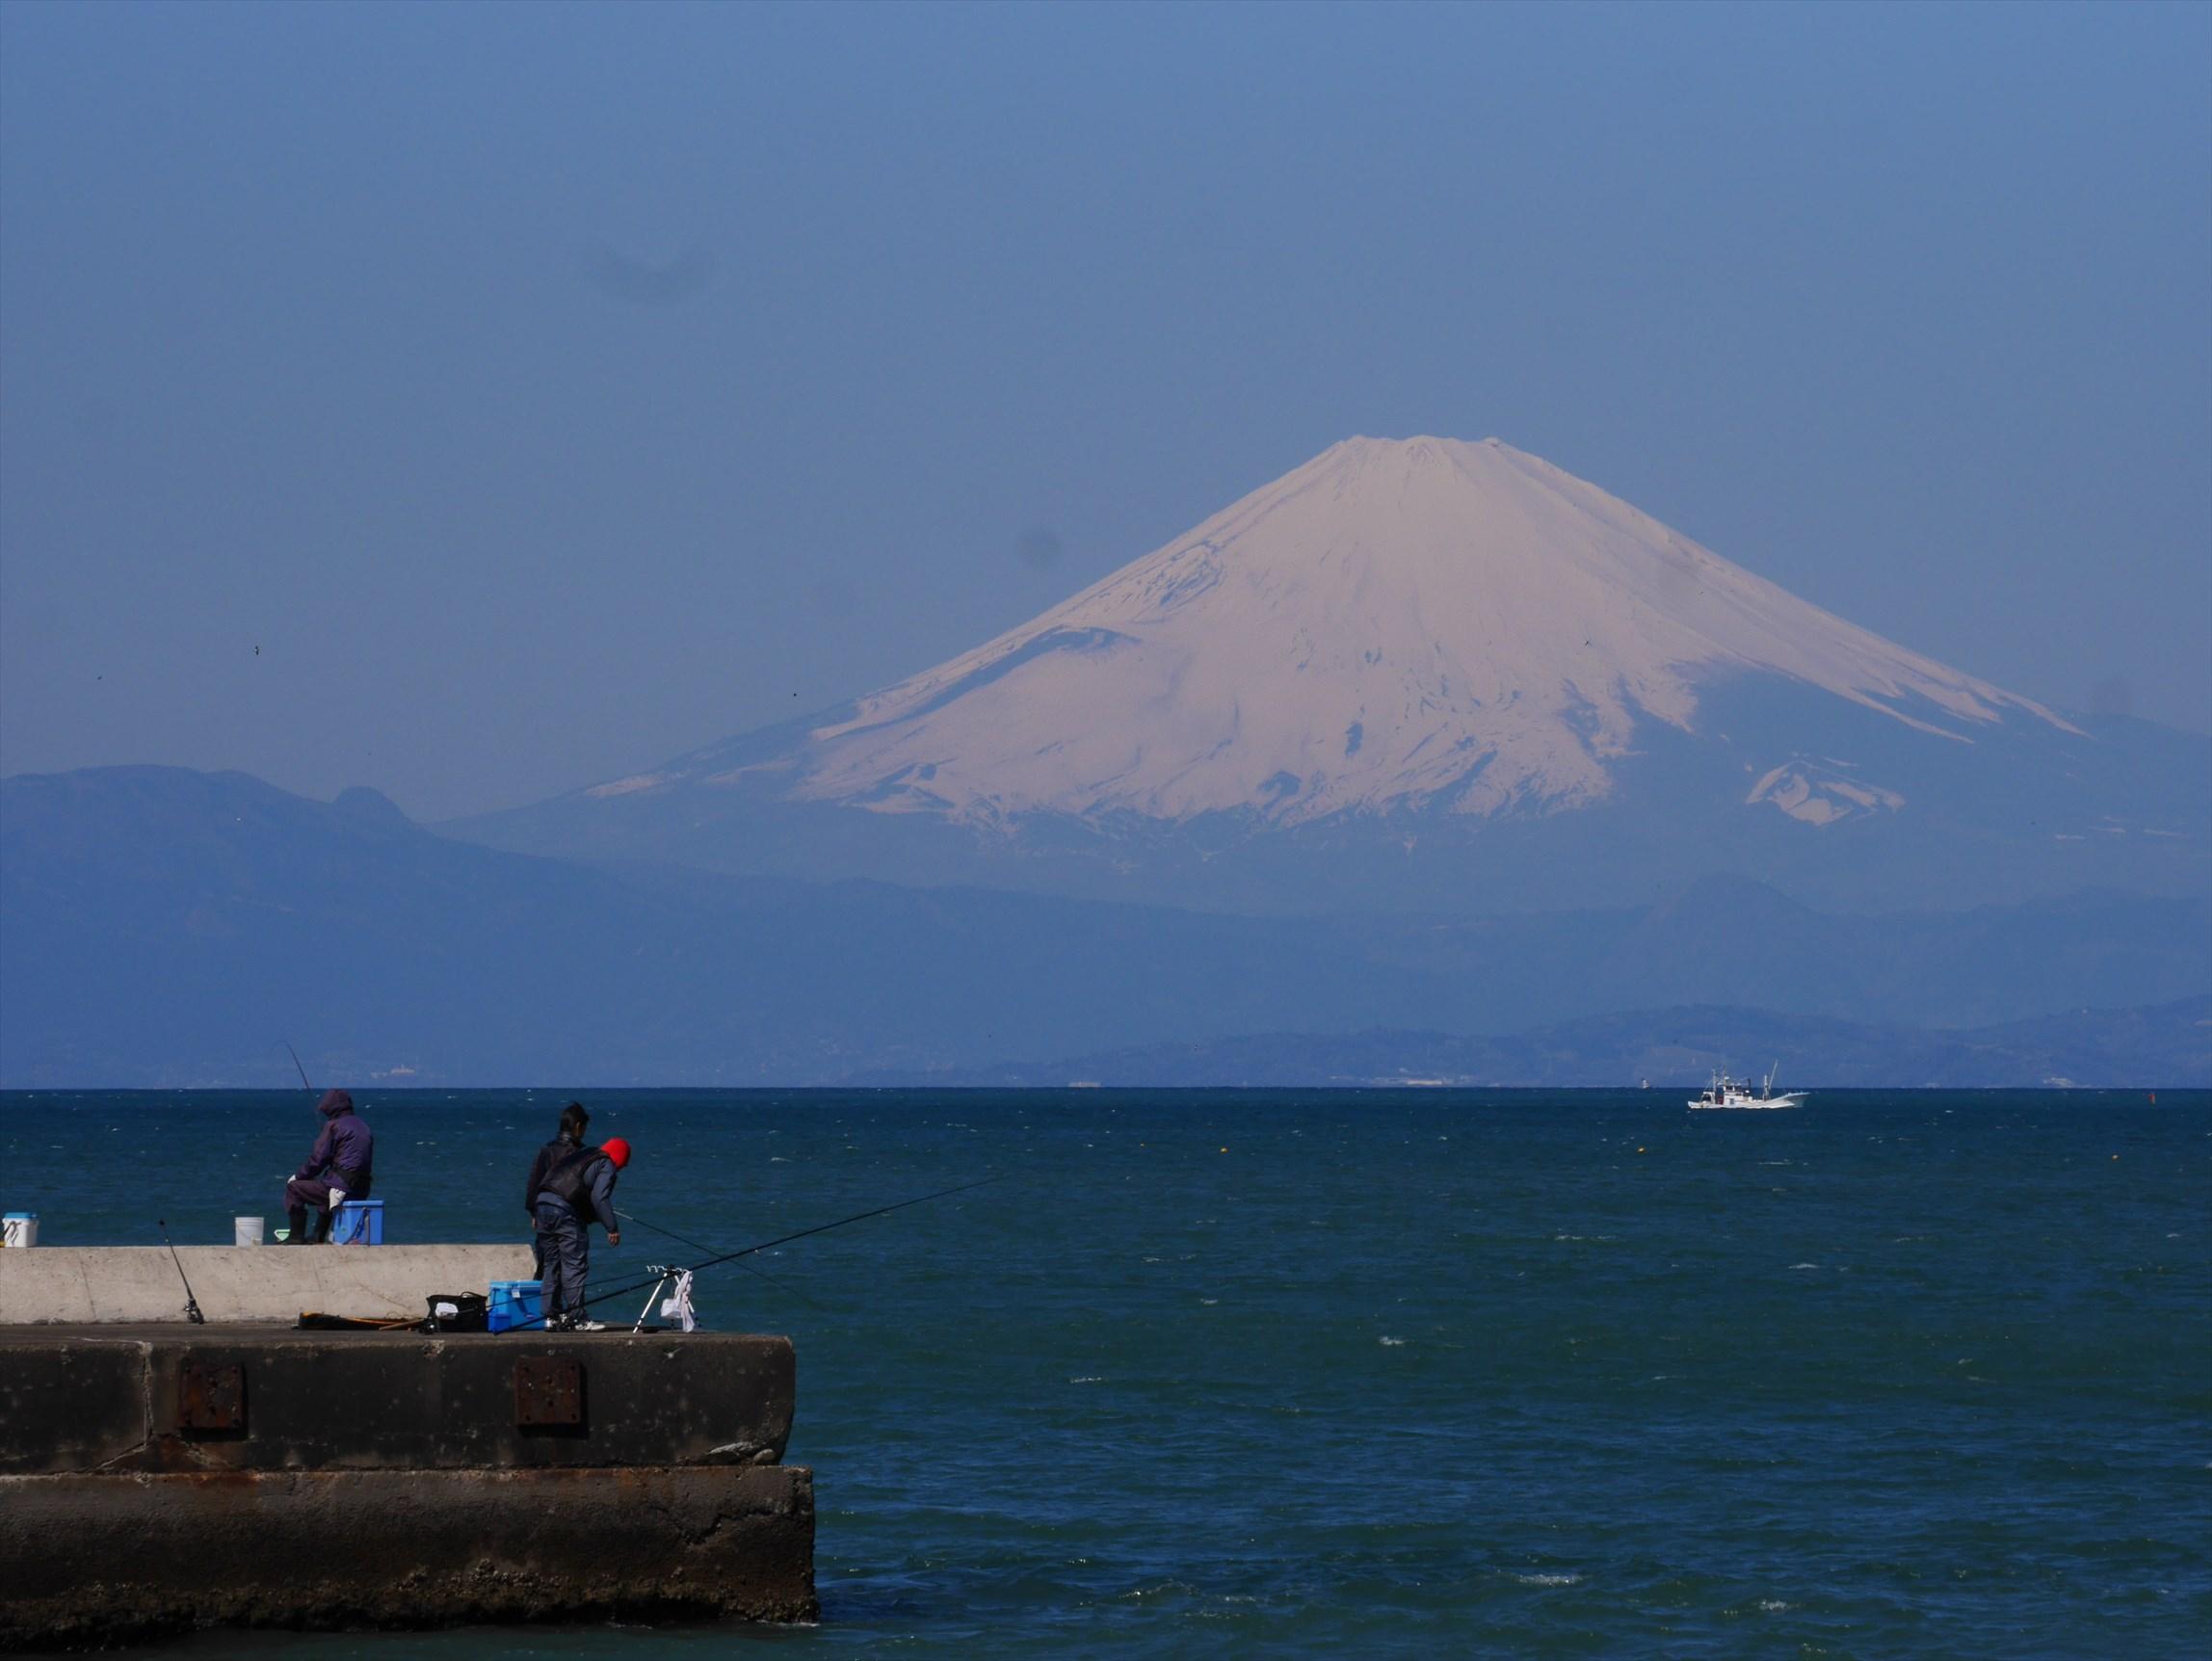 【日本の観光地 採点ランキング】「じゃらん」による有名観光地のランキングをまとめてみた